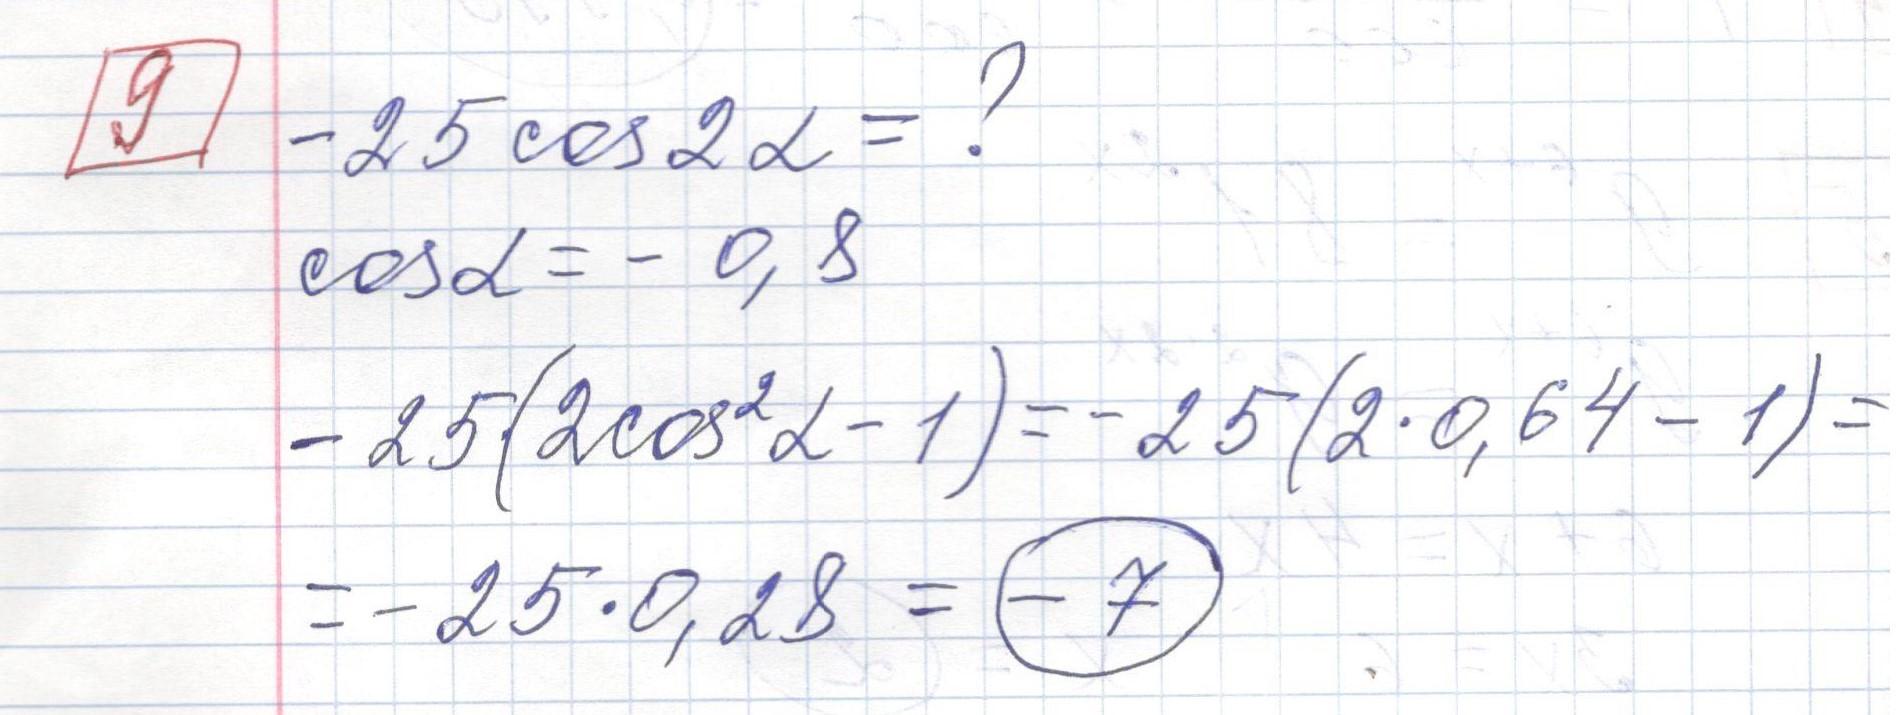 Задние 9, Вариант 1 решение и ответ - Ященко ЕГЭ 2018 математика профиль 36 вариантов